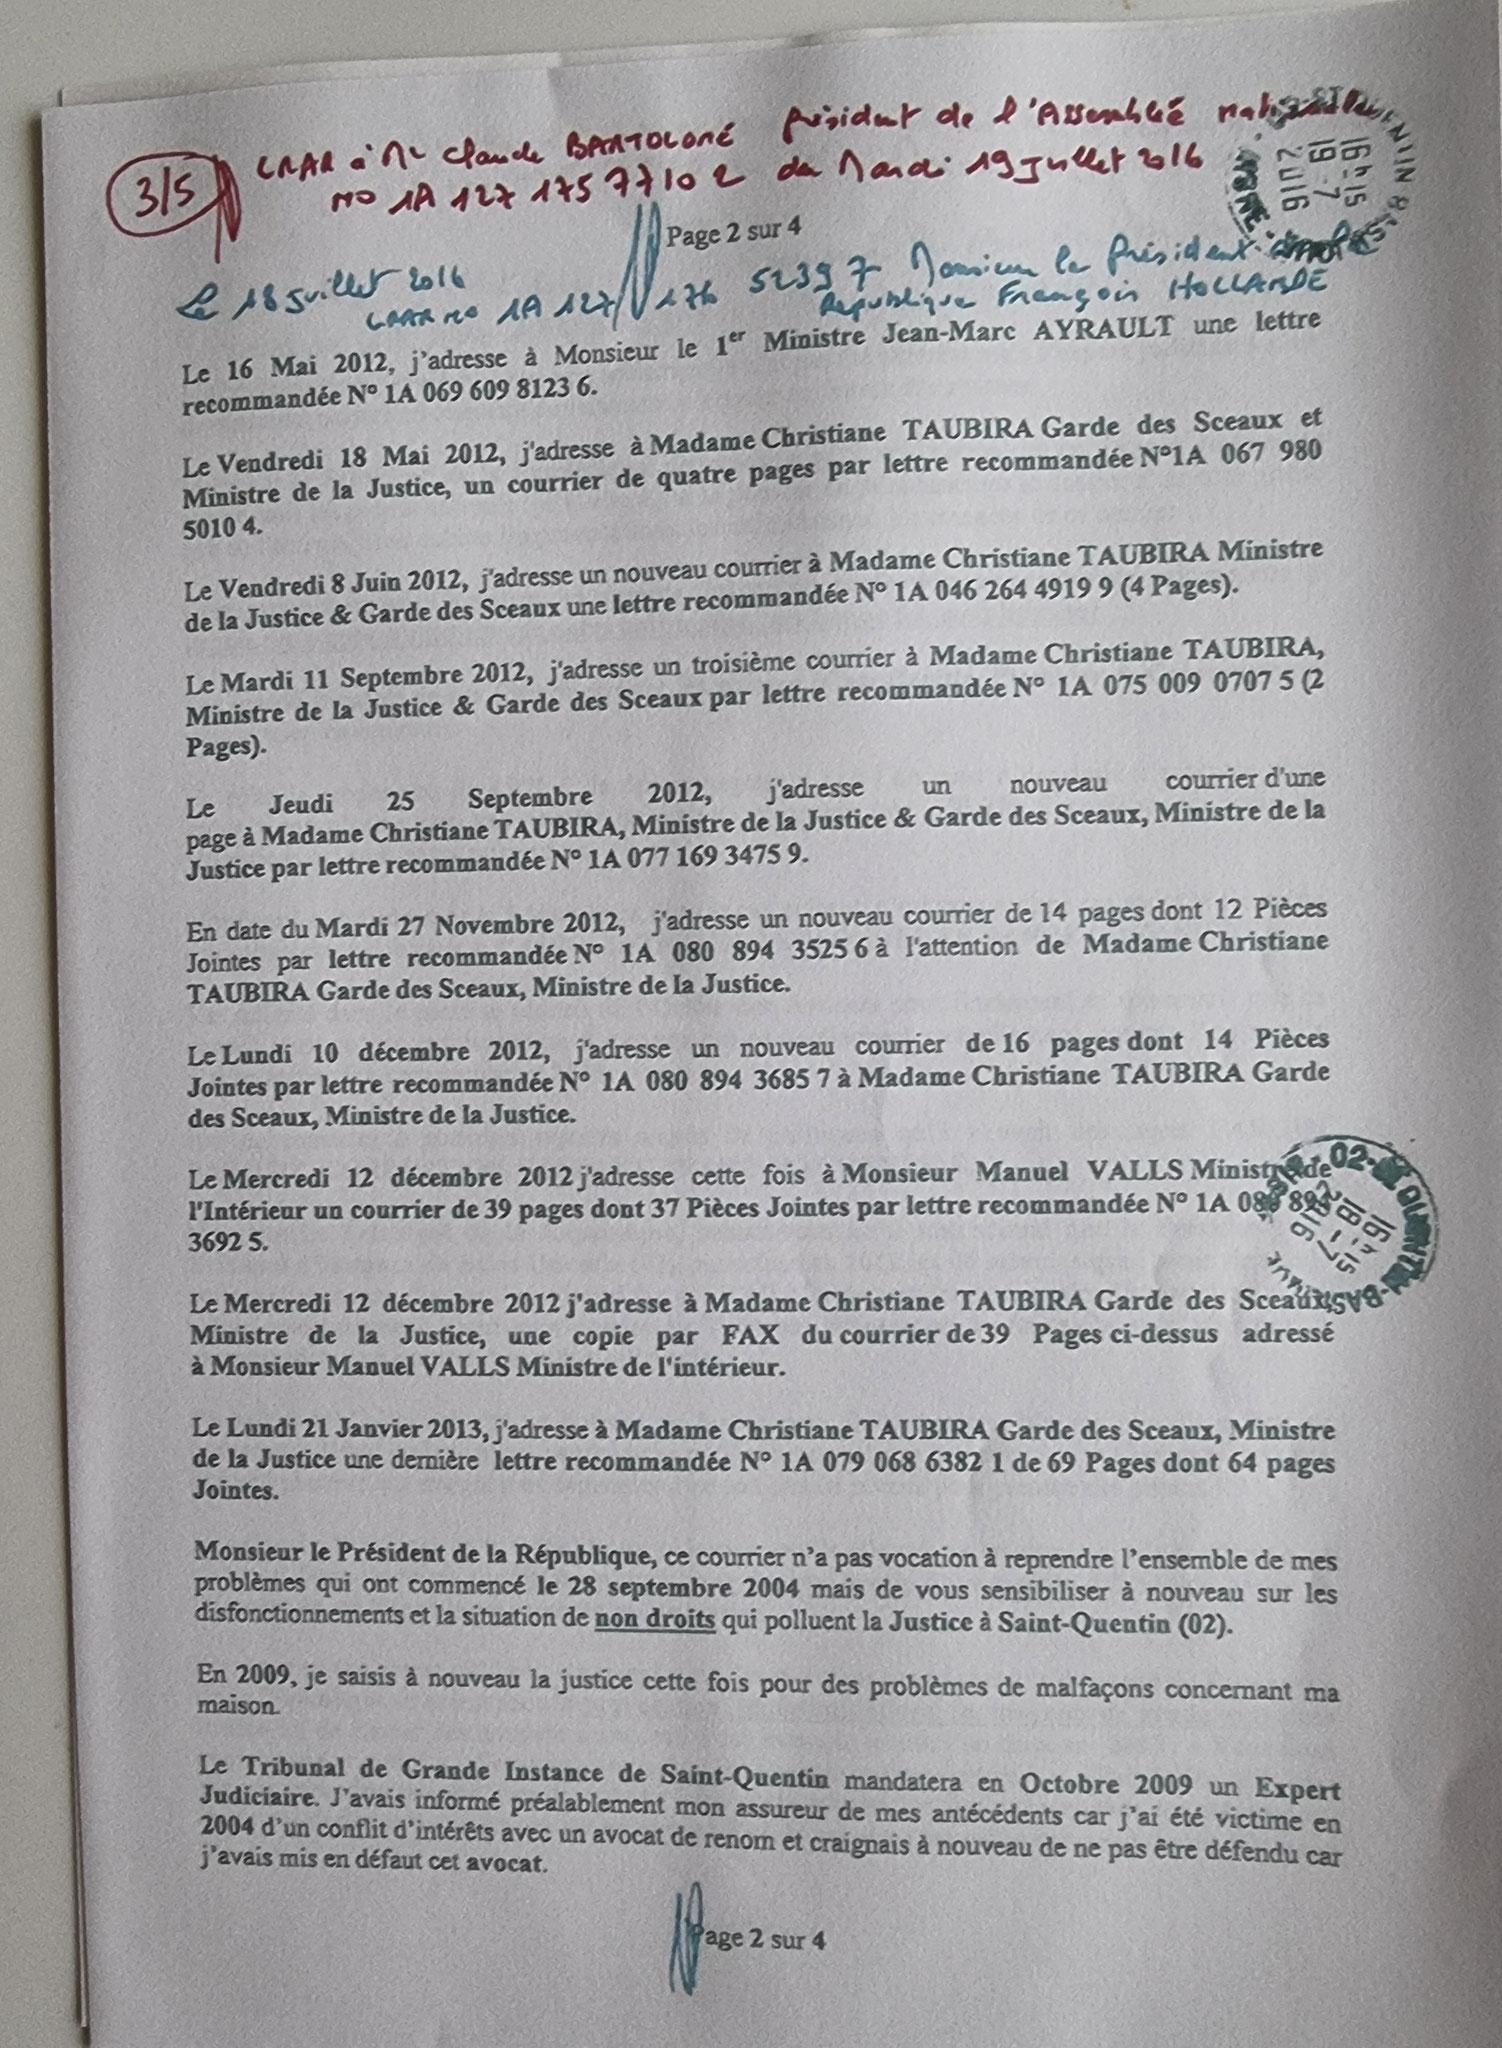 Ma Lettre recommandée du 07 Juillet  2016 adressée à Monsieur le Président de l'Assemblée Nationale Claude BARTELONE www.jesuisvictime.fr www.jesuispatrick.fr www.jenesuispasunchien.fr